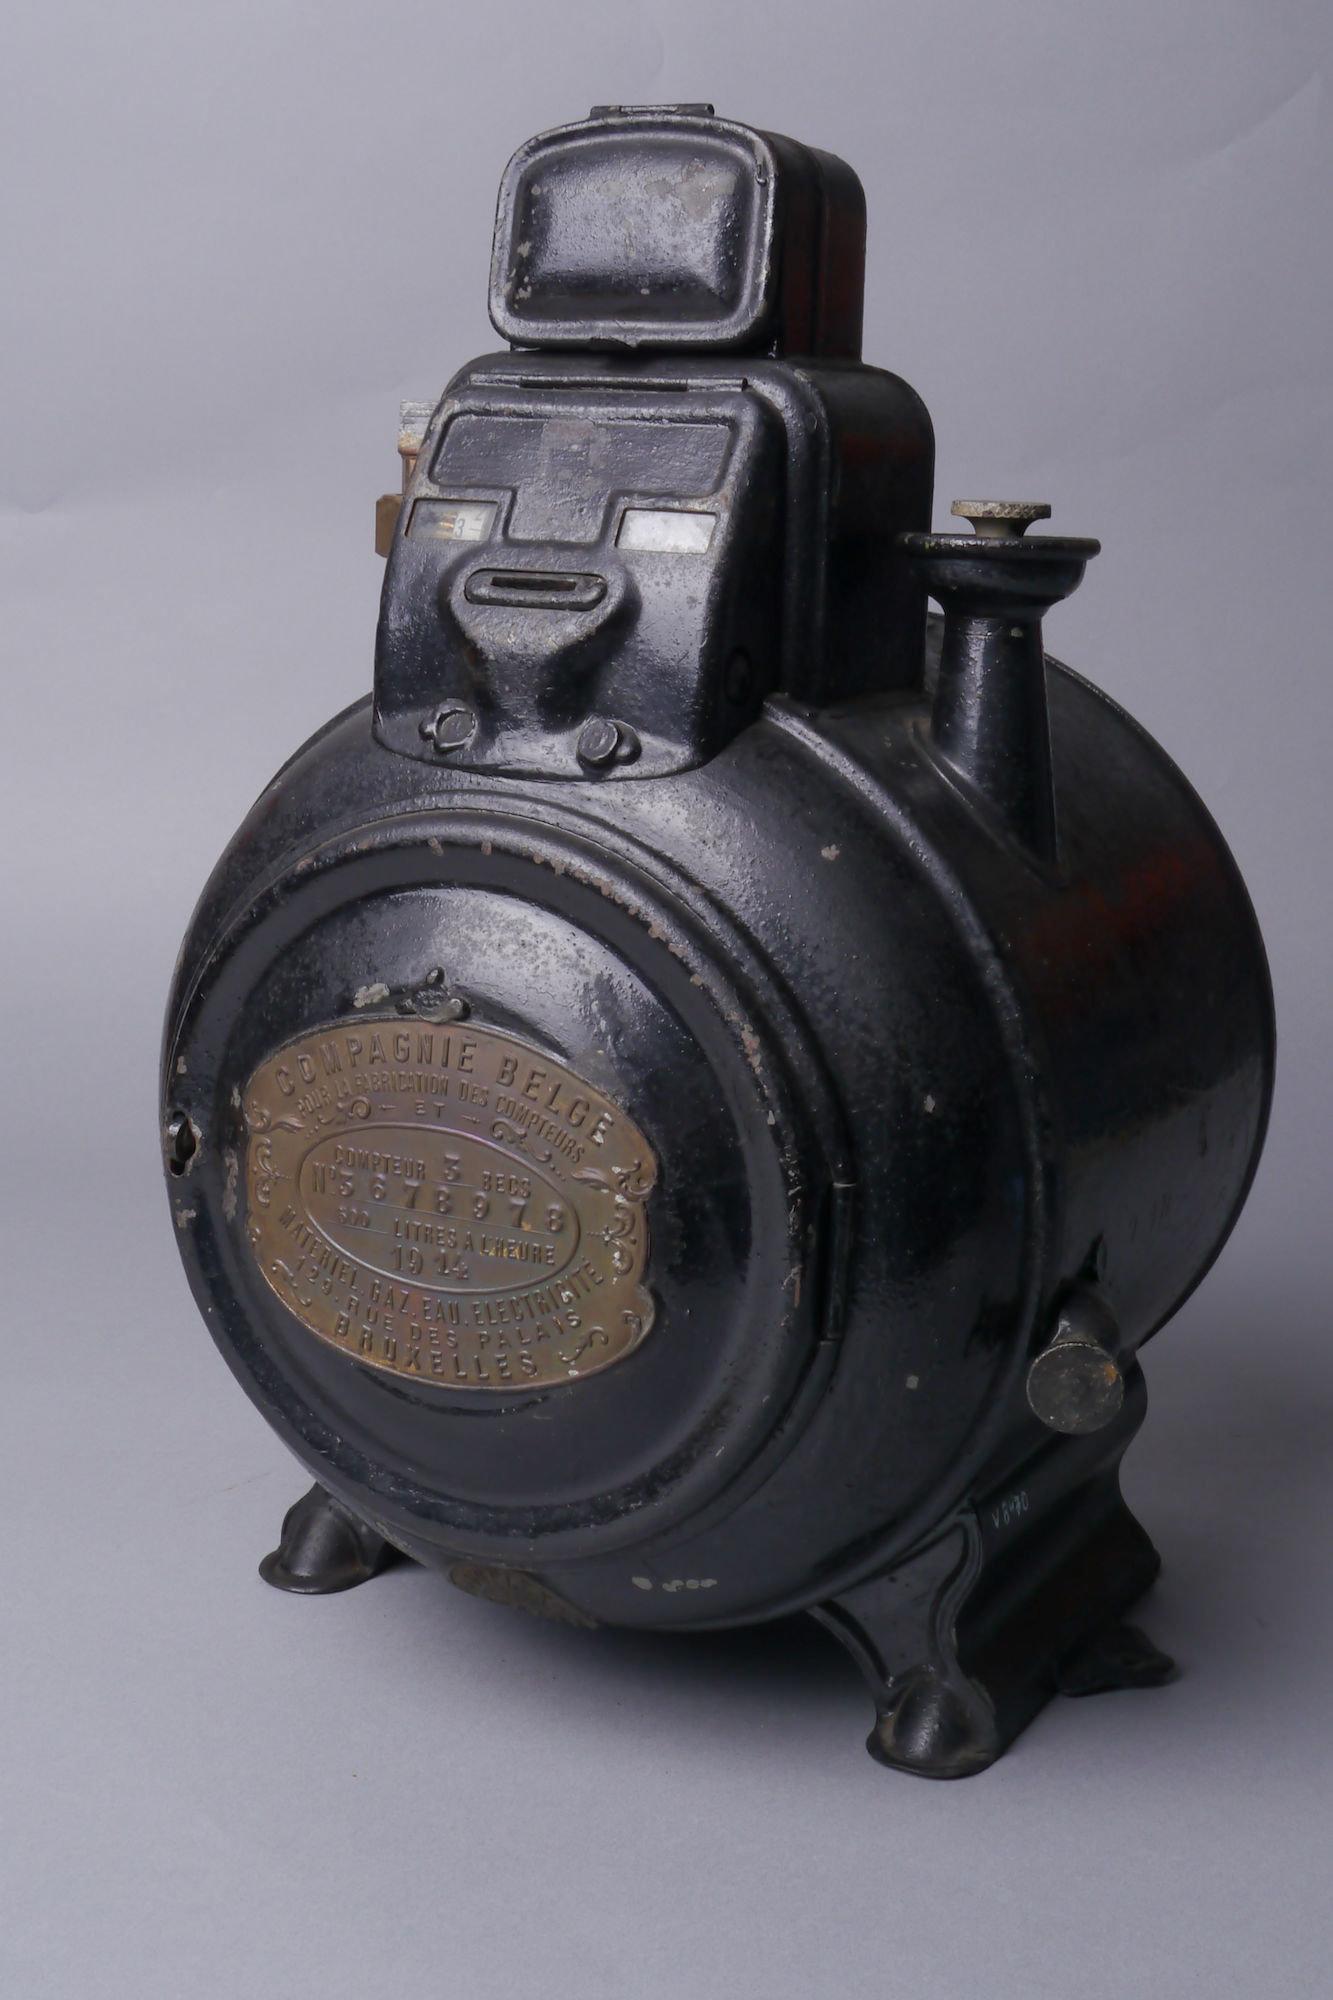 Verbruiksmeter voor gas van het merk Compagnie Belge pour la Fabrication des Compteurs met muntstukken